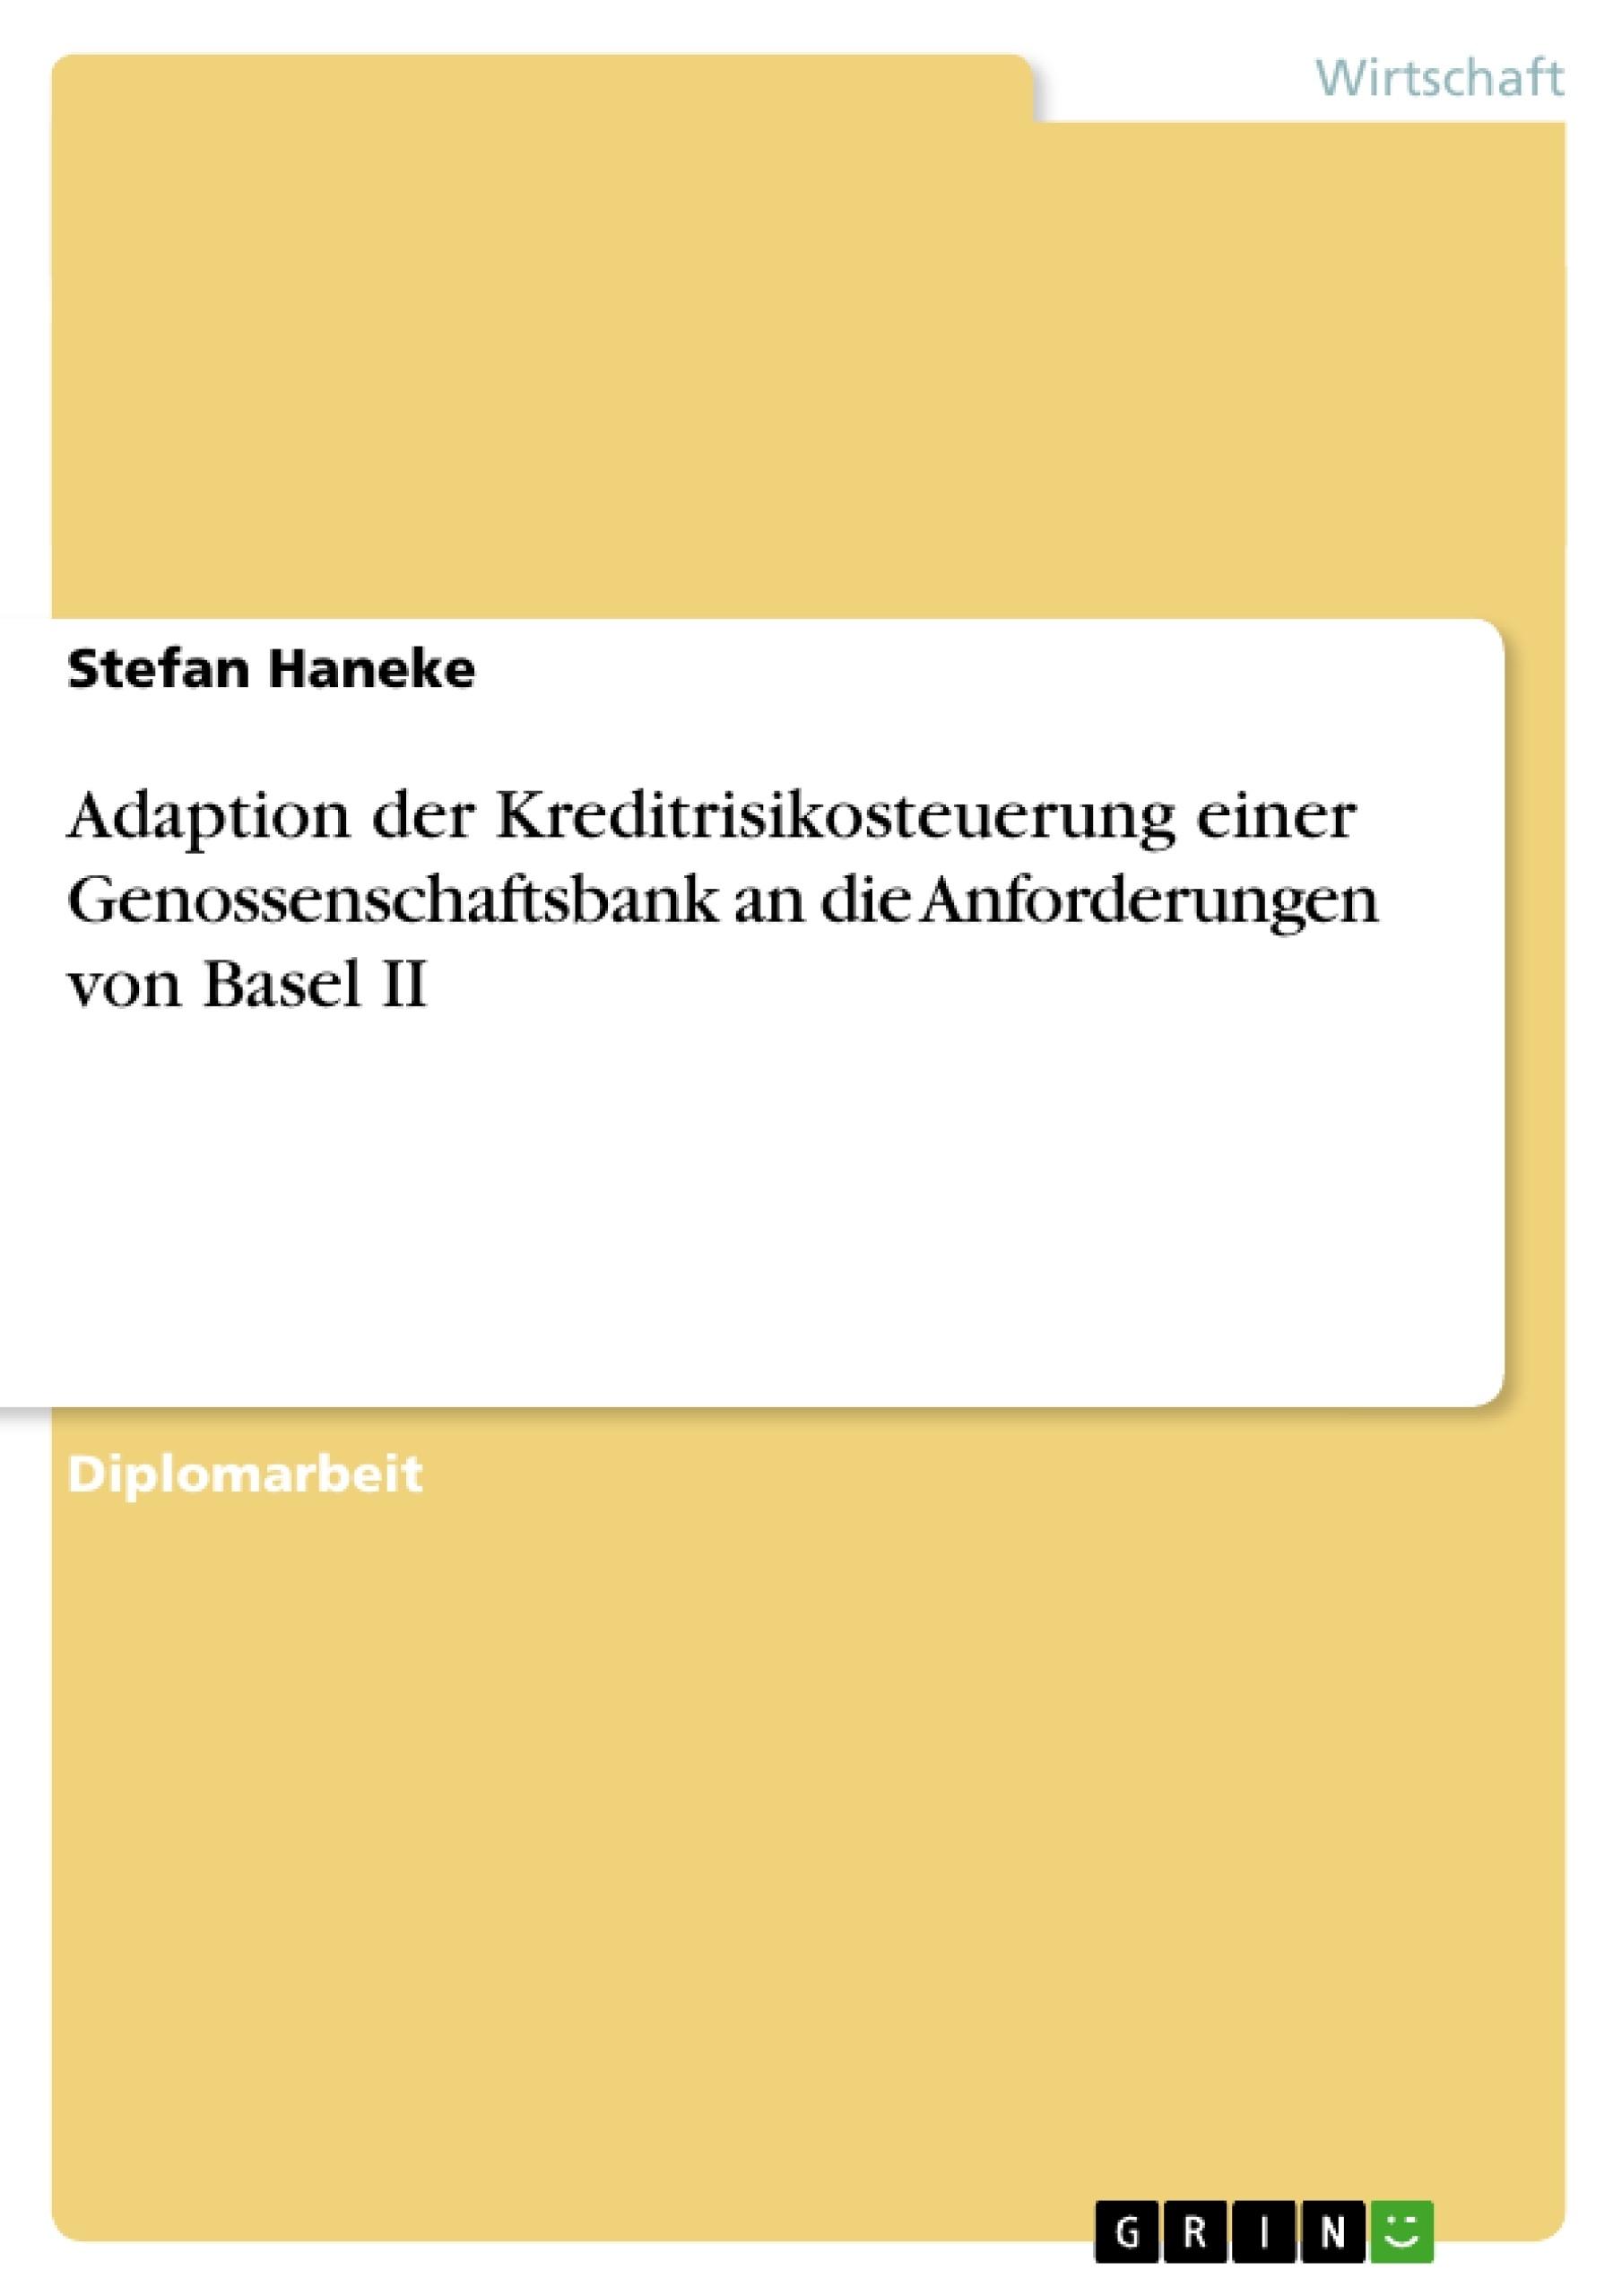 Titel: Adaption der Kreditrisikosteuerung einer Genossenschaftsbank an die Anforderungen von Basel II